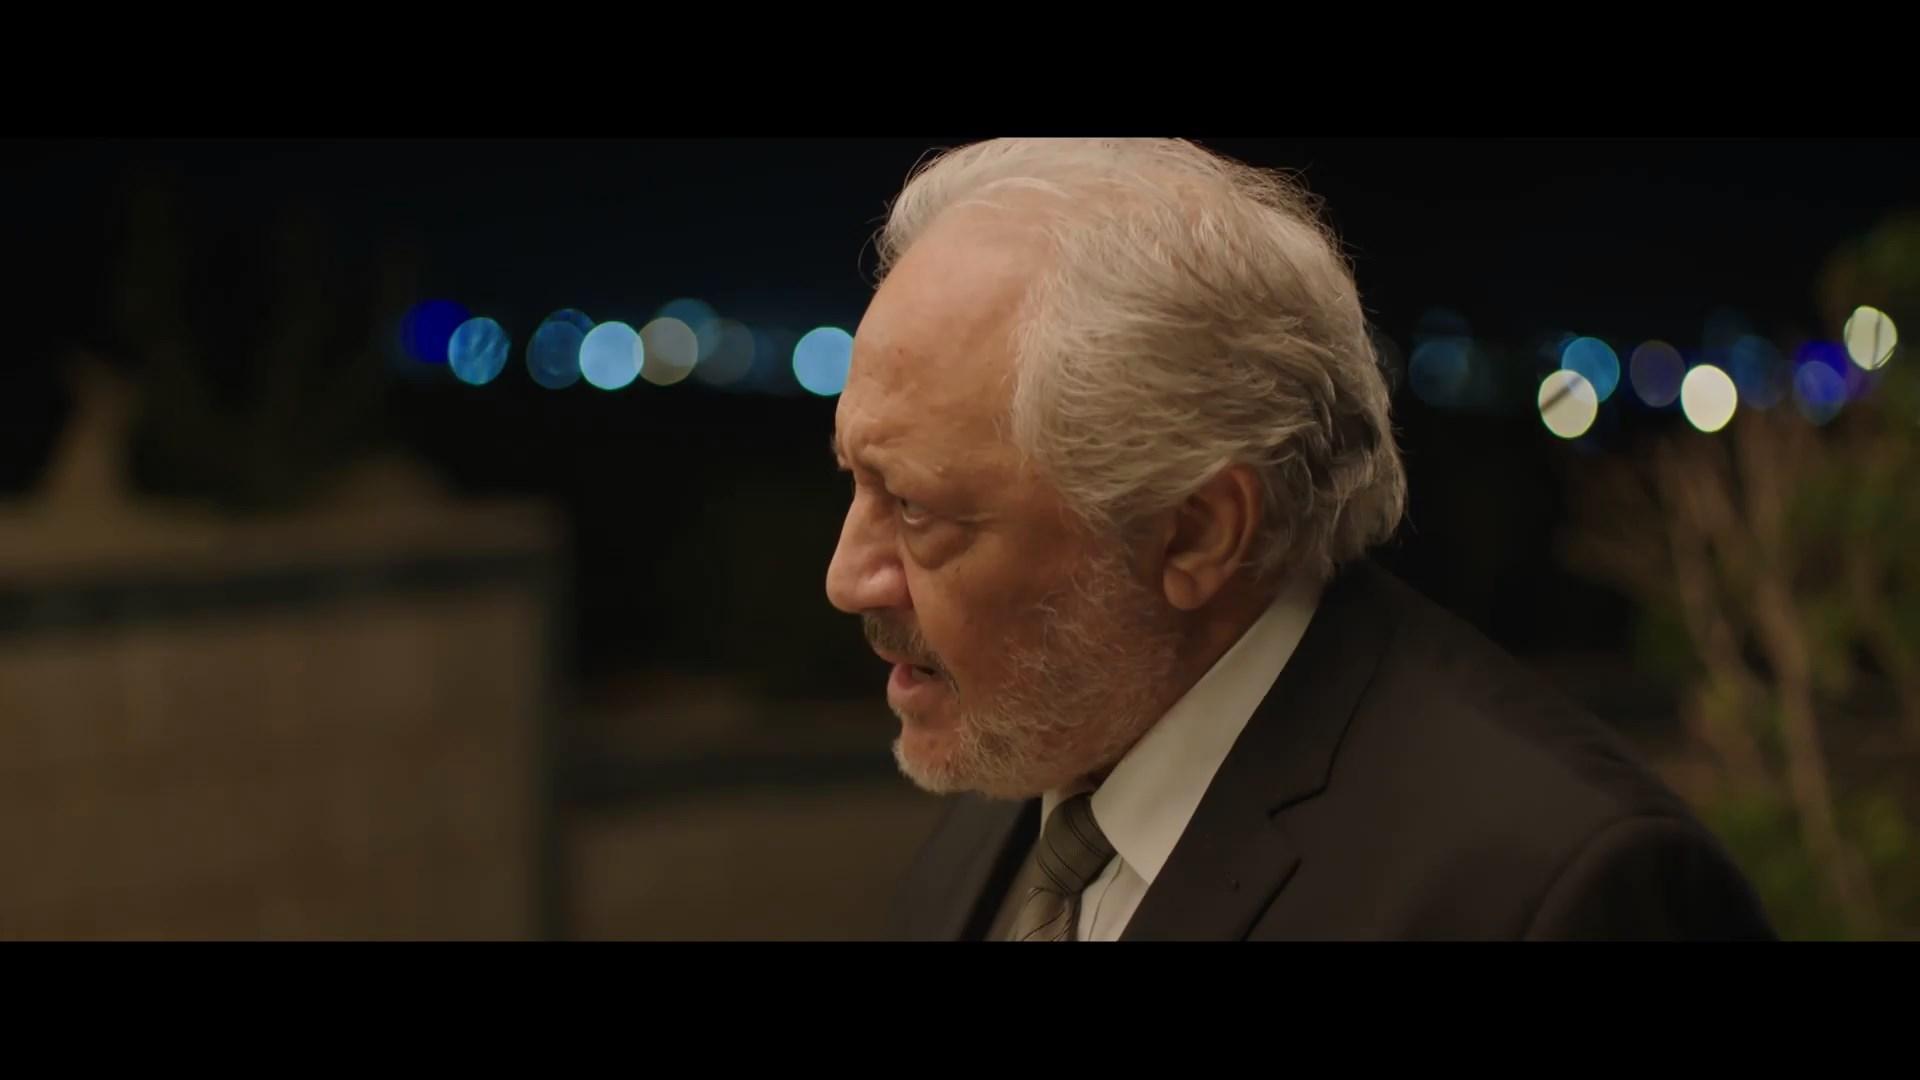 مسلسل قوت القلوب الجزء الثاني الحلقة الثالثة (2020) 1080p تحميل تورنت 5 arabp2p.com